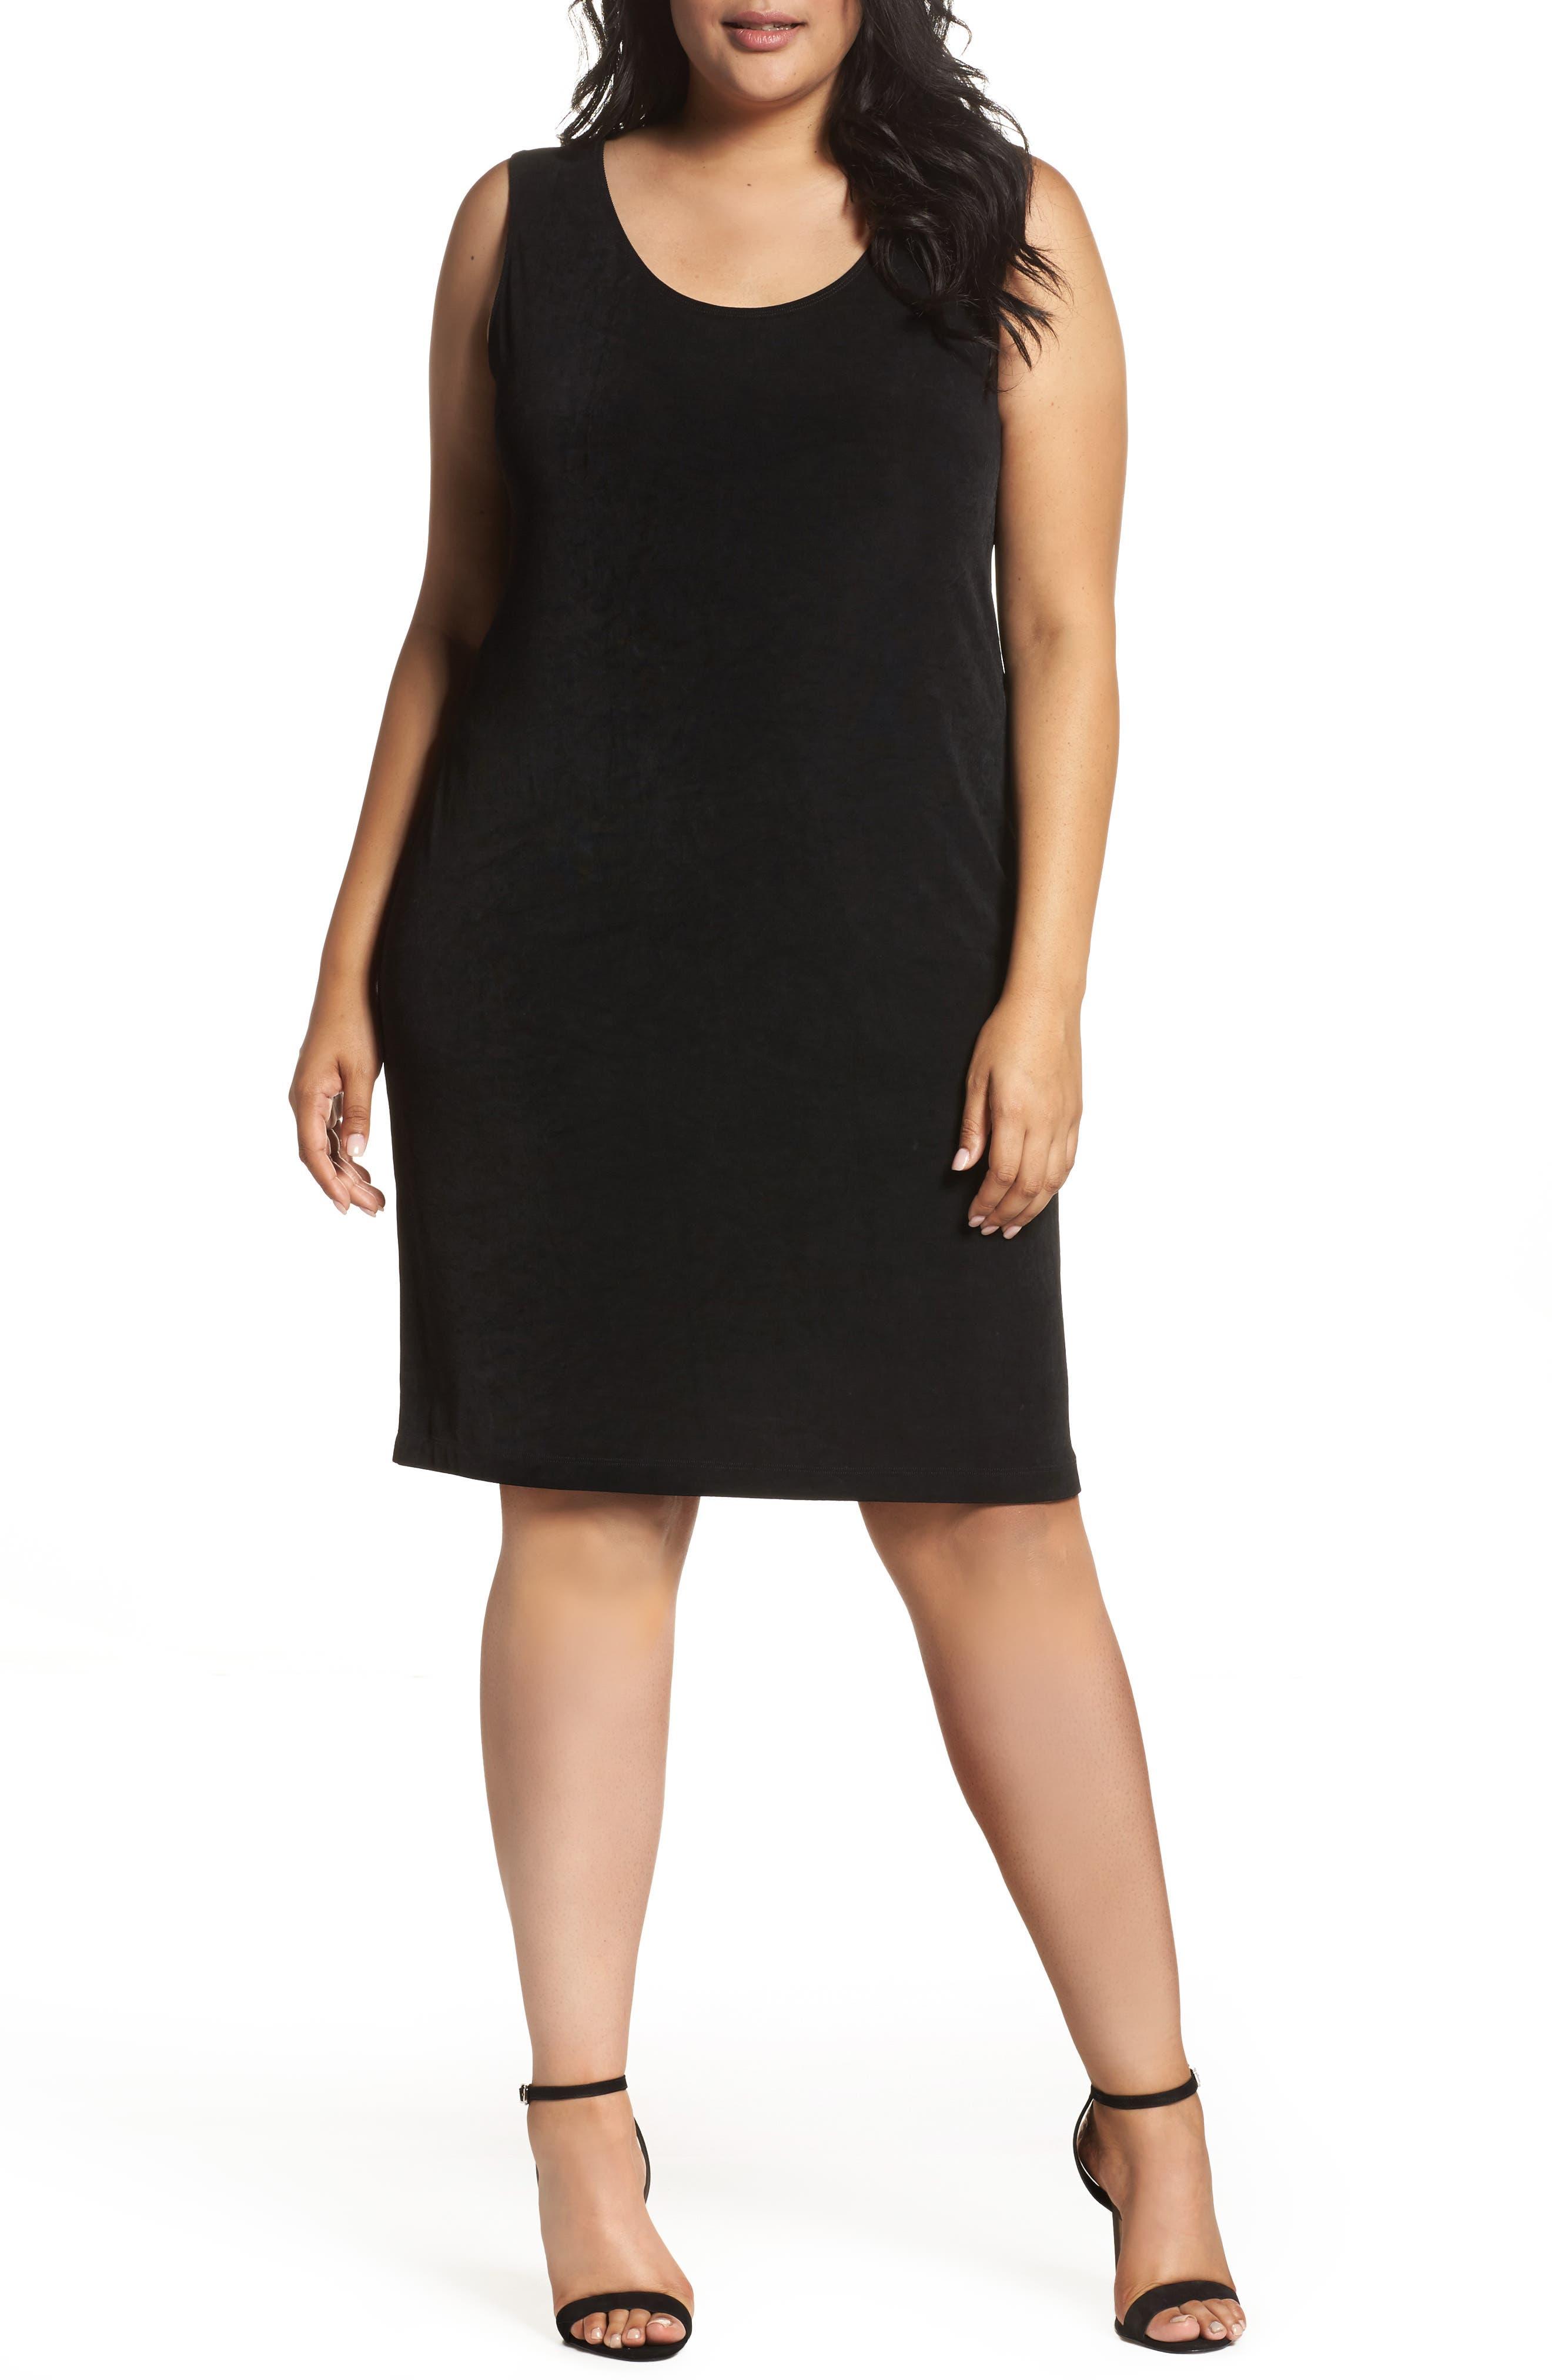 VIKKI VI,                             Sleeveless Shift Dress,                             Main thumbnail 1, color,                             BLACK